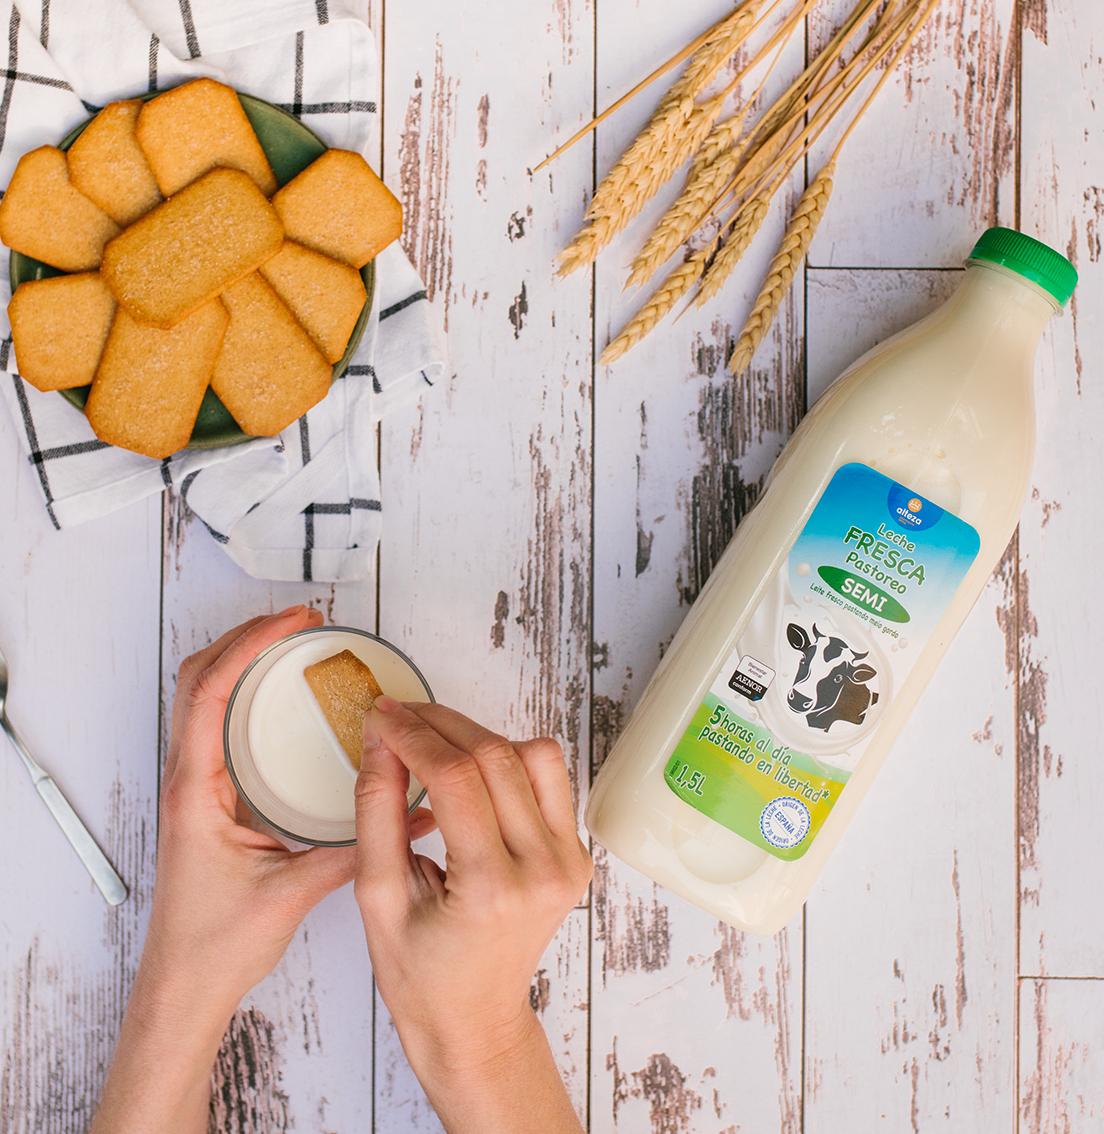 Vista cenital de una botella de leche de pastoreo Alteza, un plato con galletas y unas manos con un vaso de leche